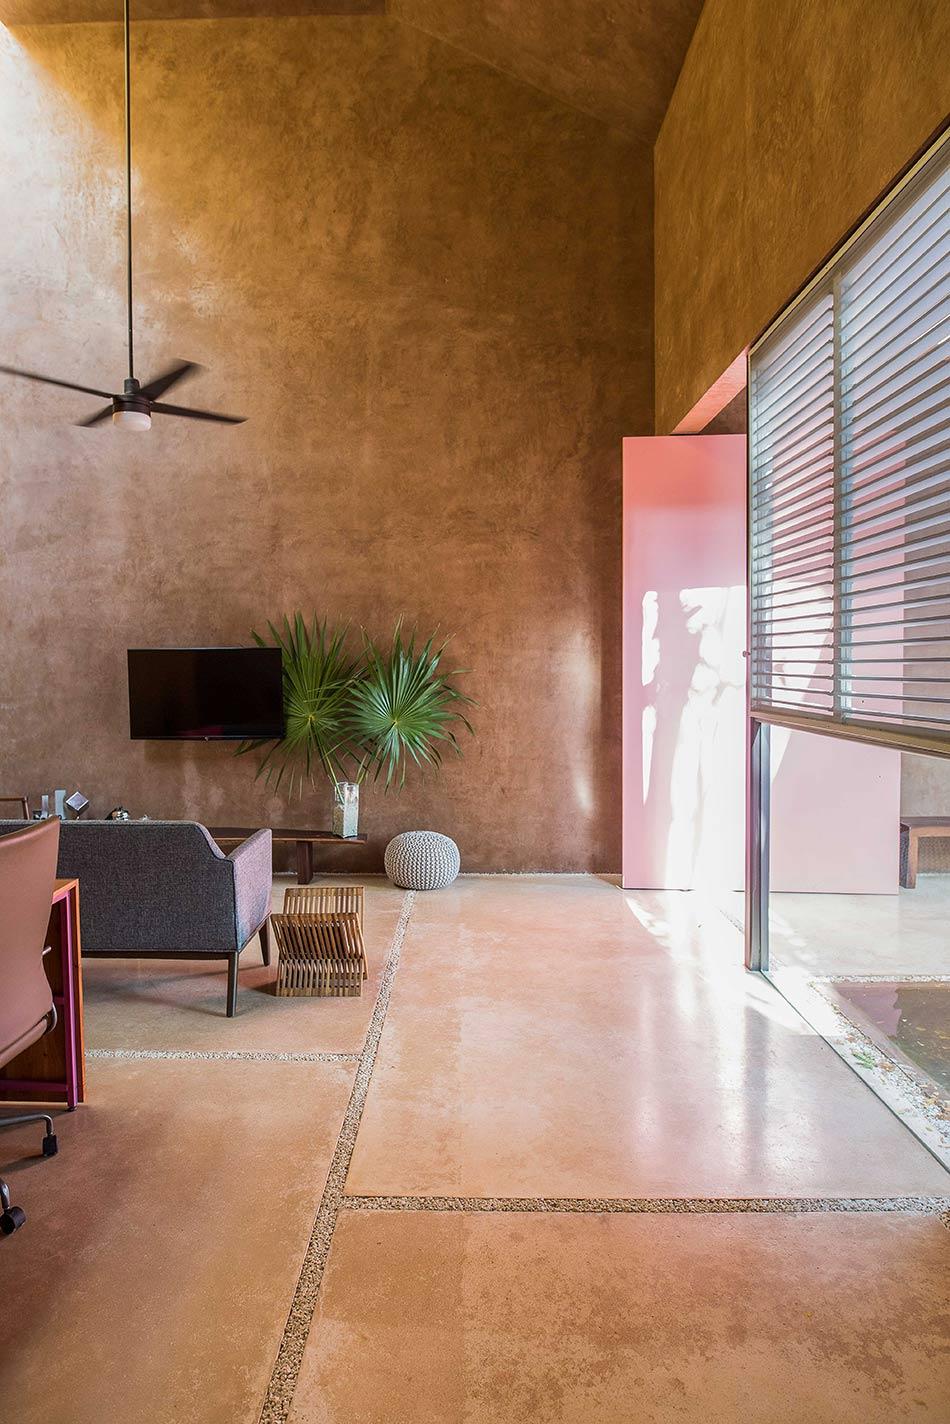 taller-de-arquitectura-contextual-taco-portico-palmeto-noko-014.jpg